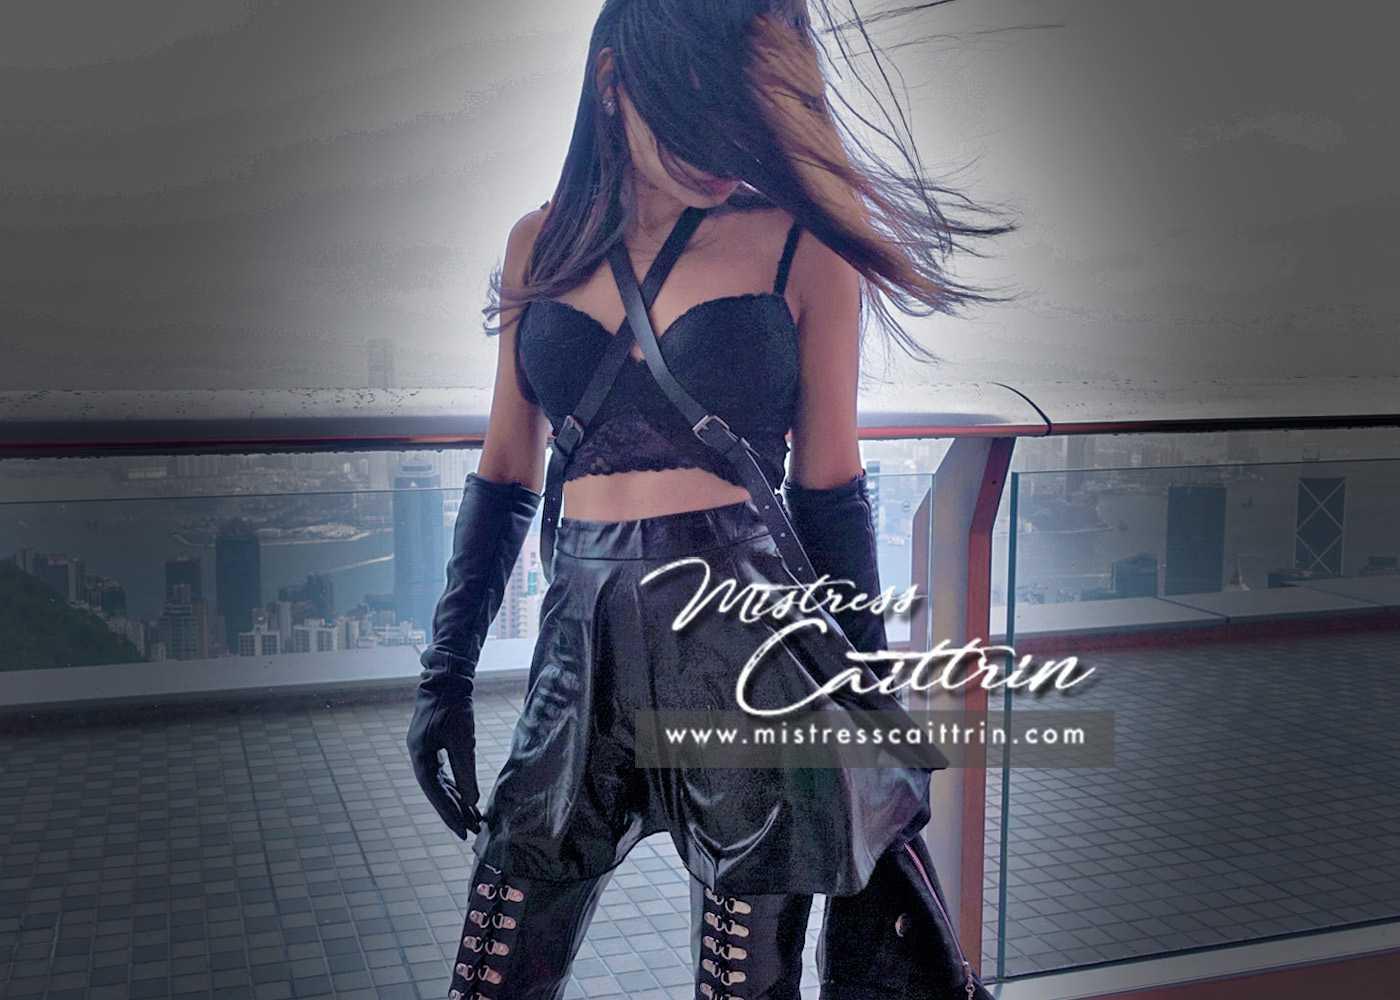 Mistress Caittrin